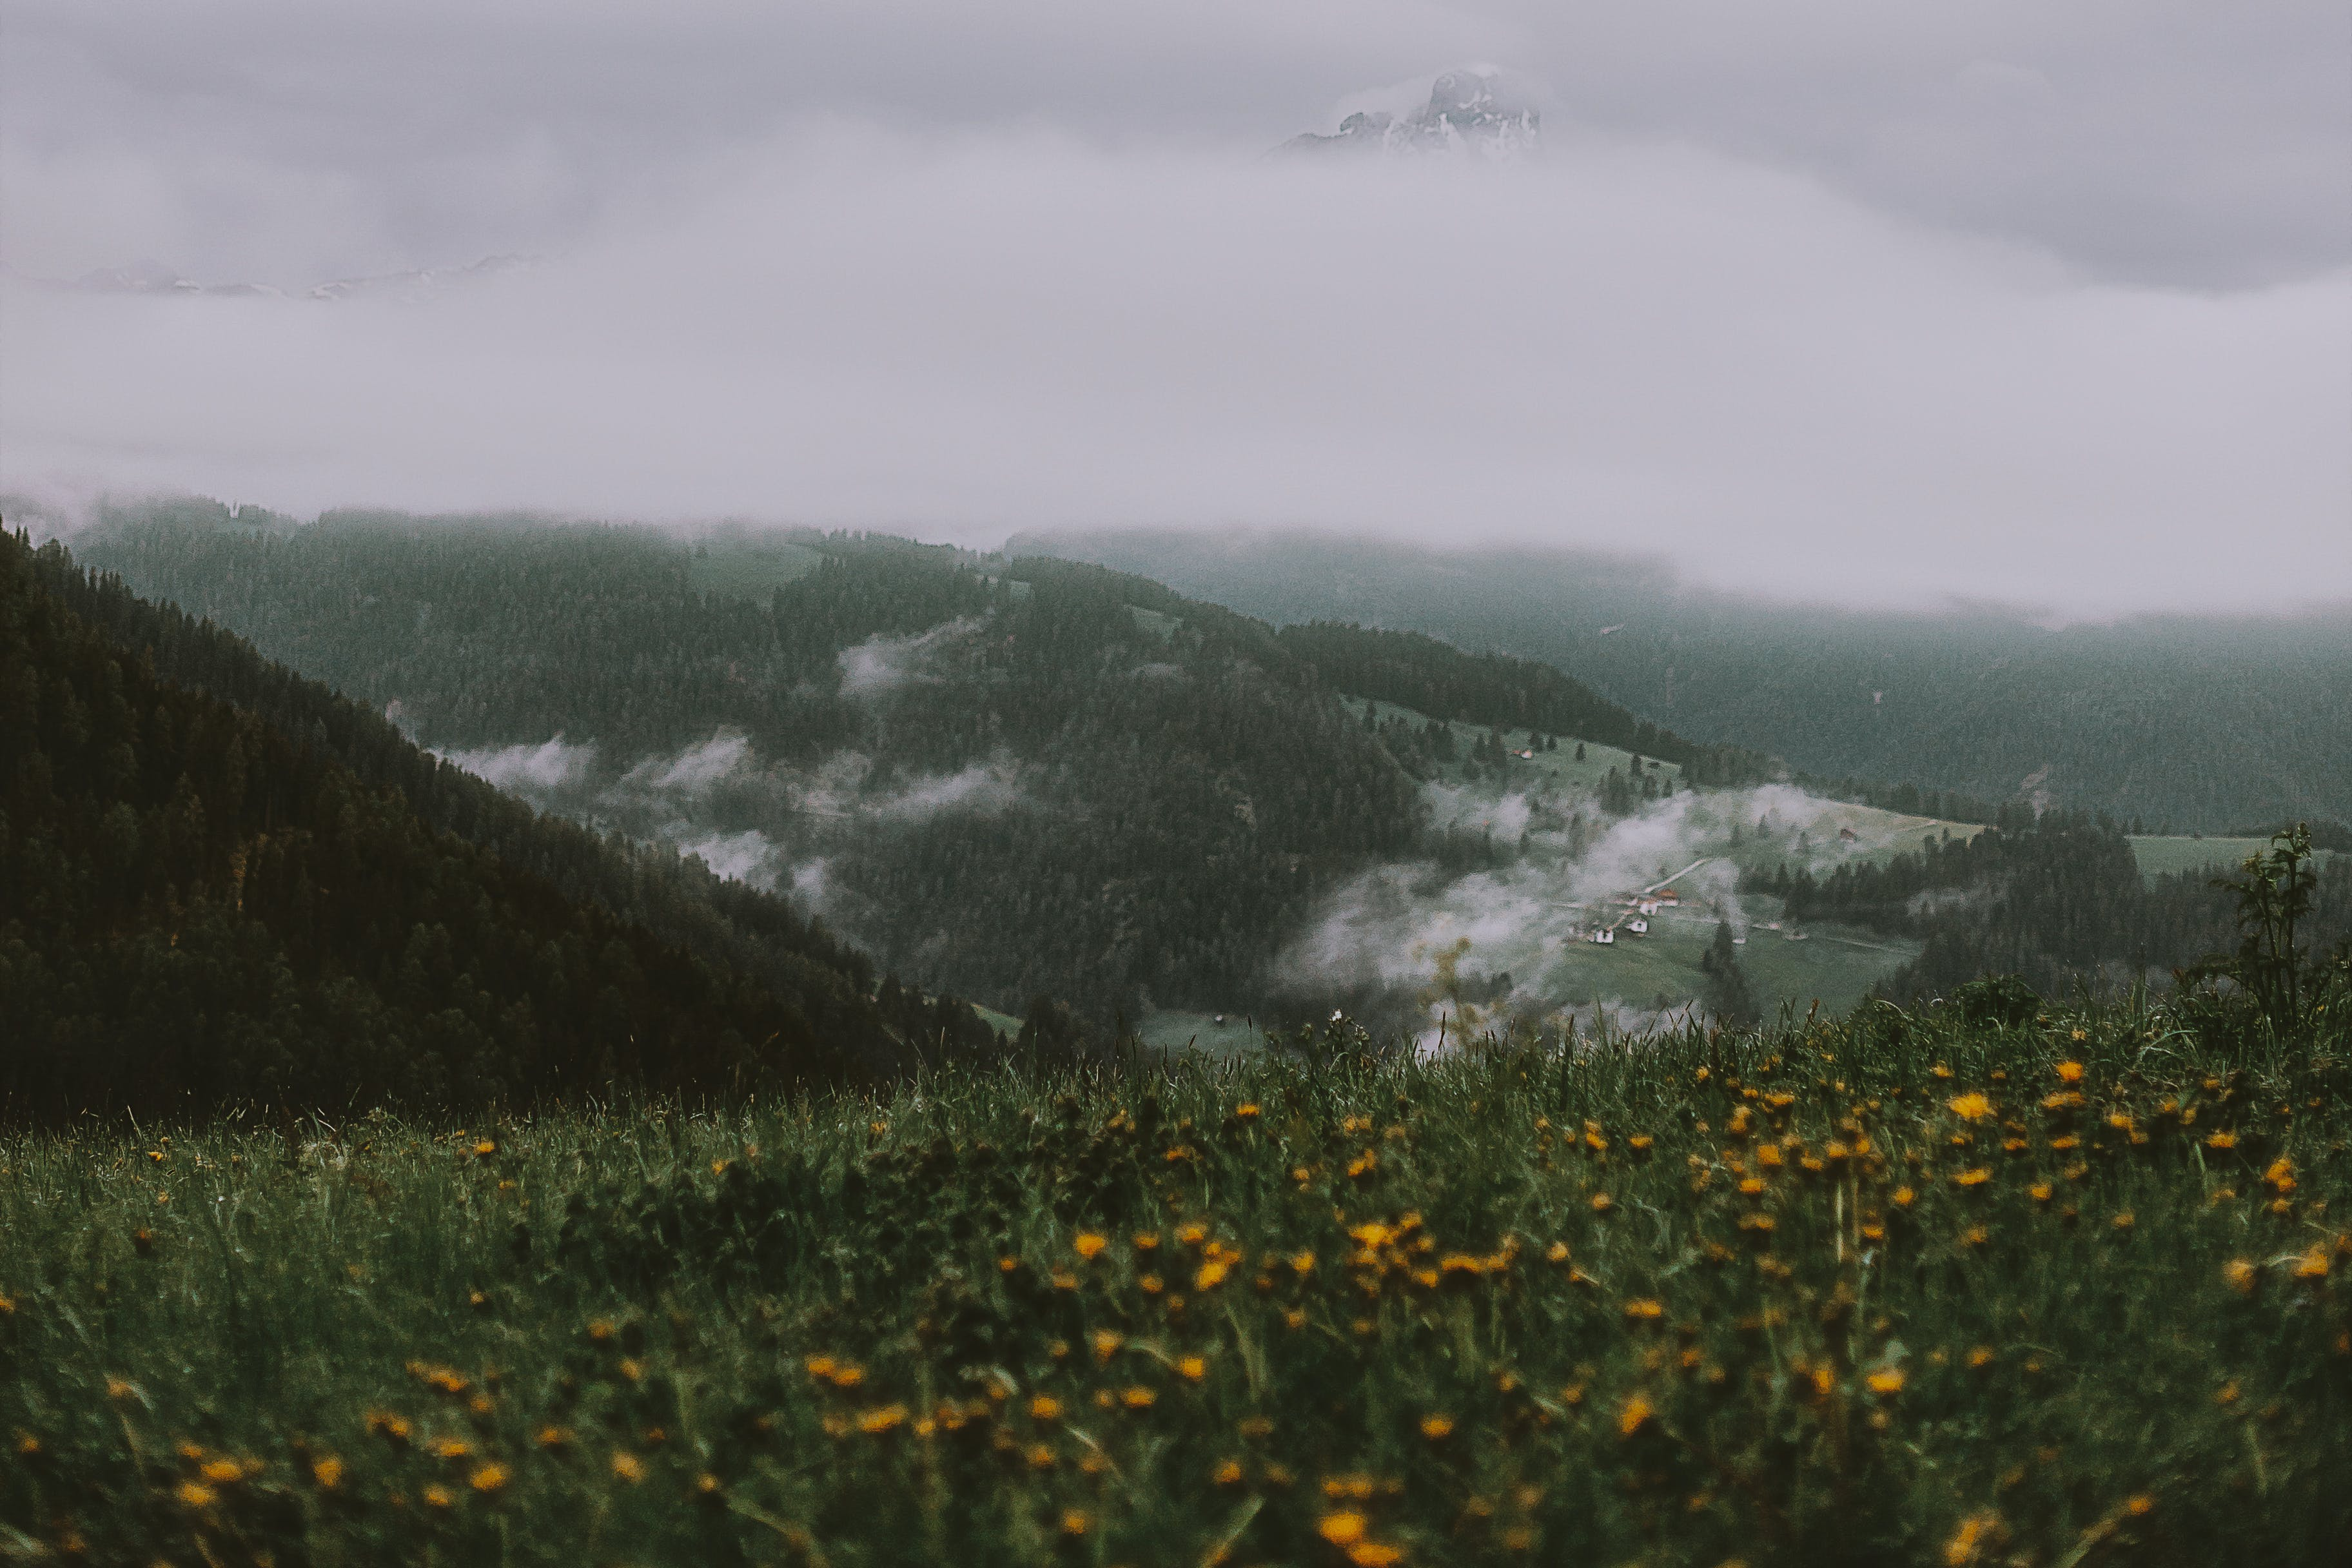 Yellow Flower Field Near Mountain Under Grey Sky